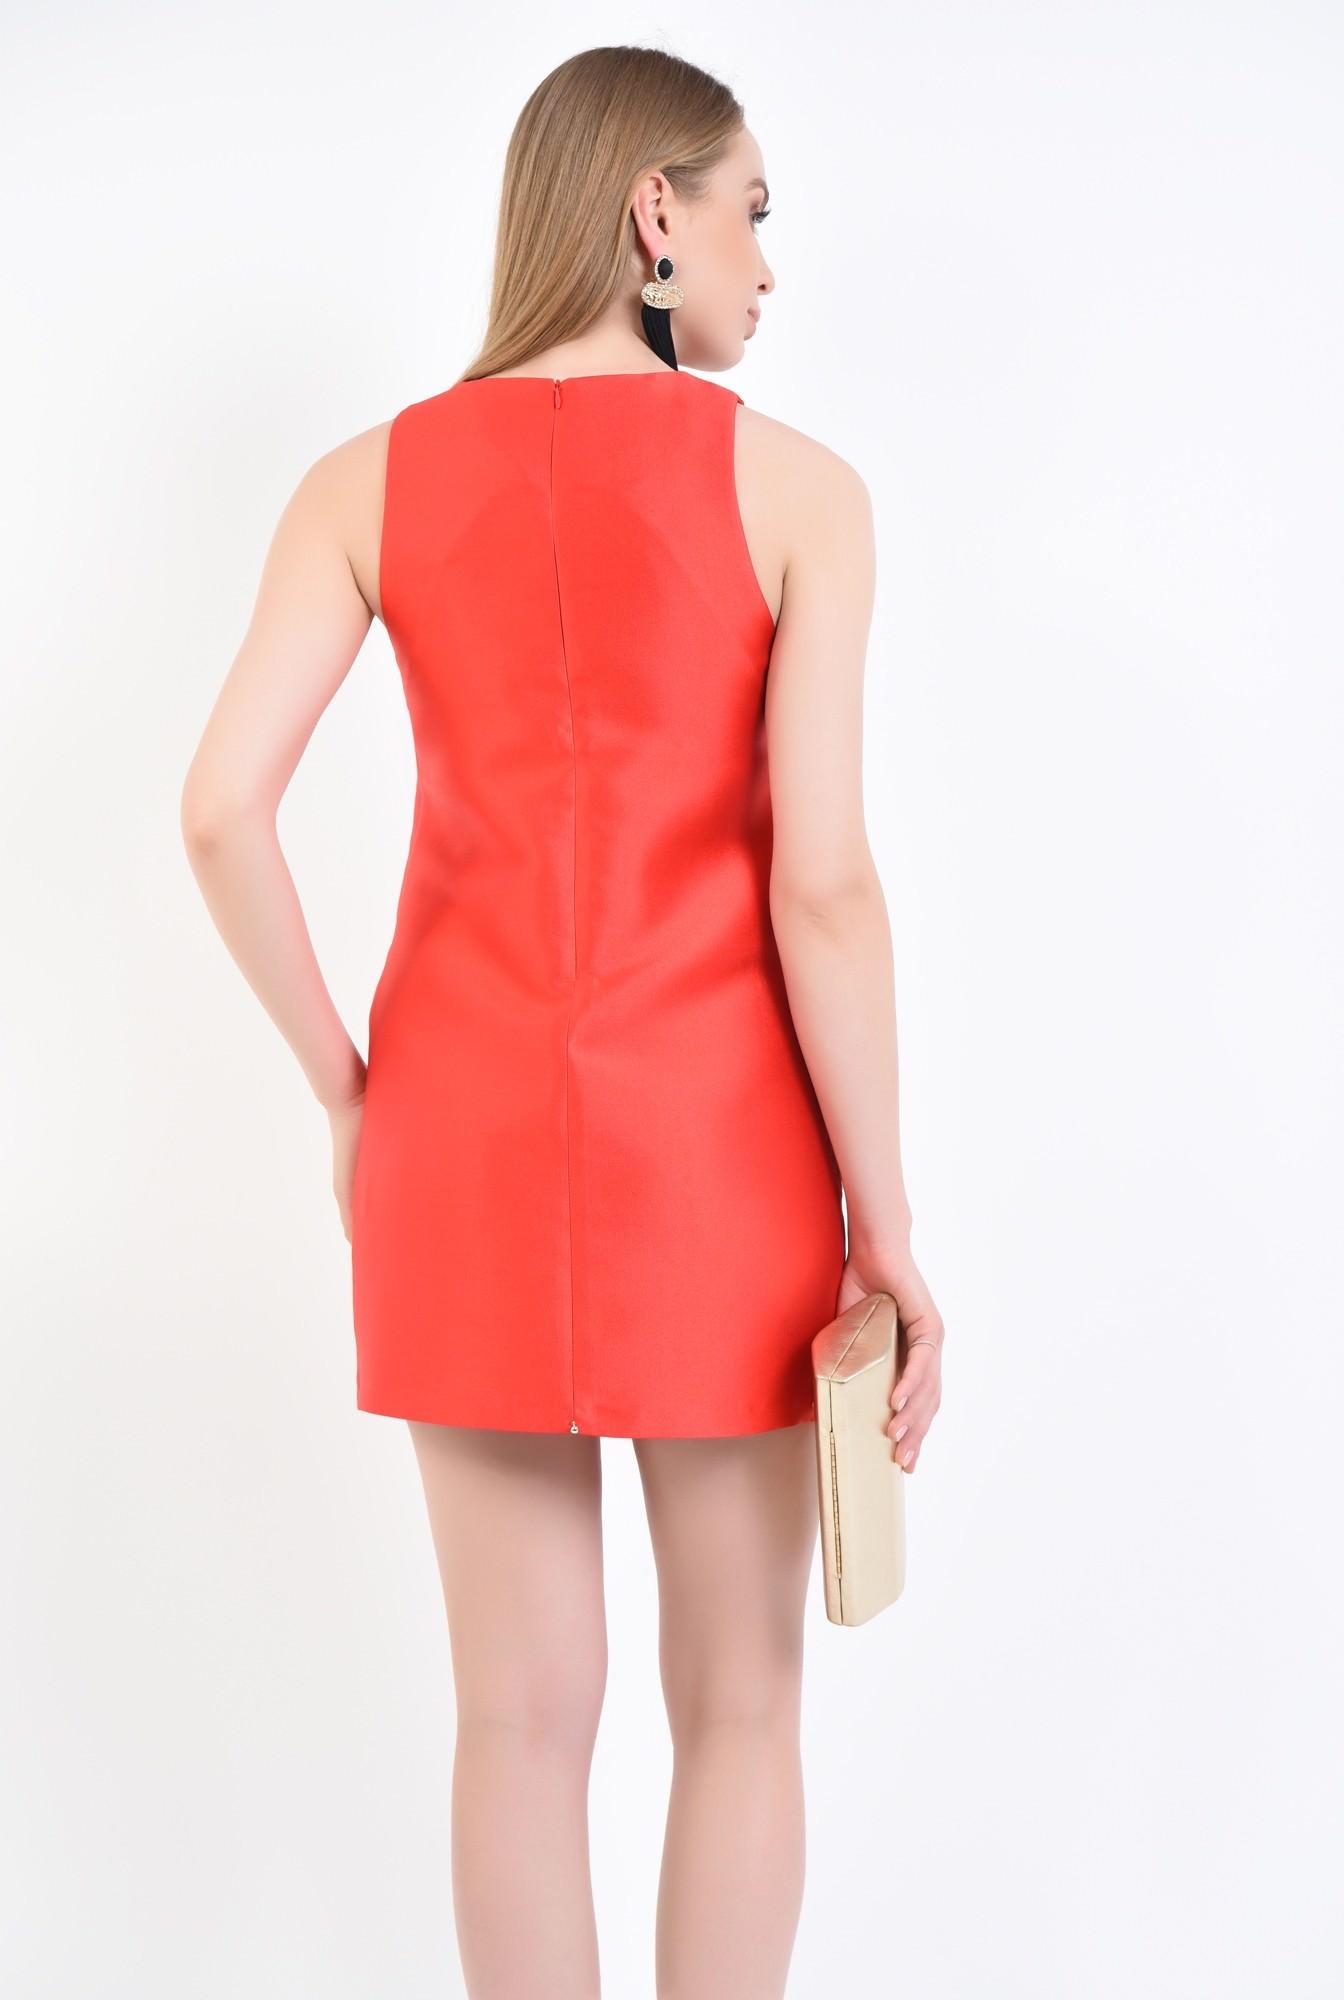 1 - rochie eleganta, scurta, tafta, rosie